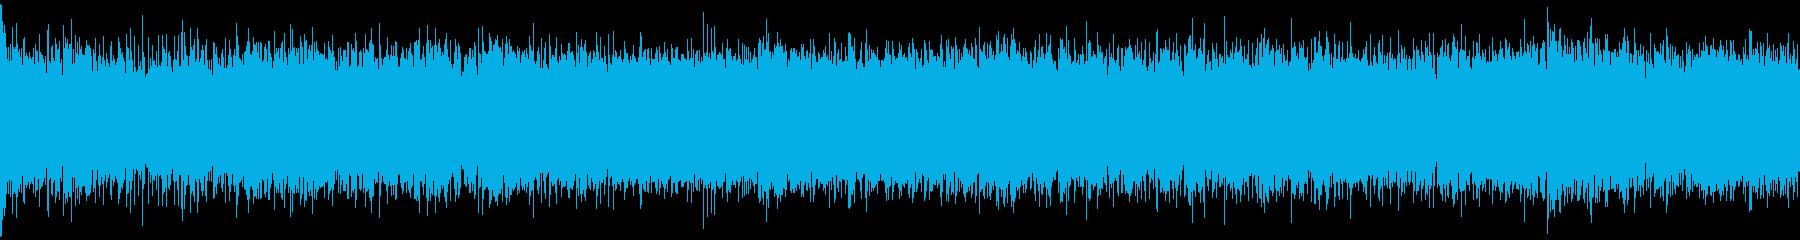 和風シネマティック戦闘音楽・ループの再生済みの波形